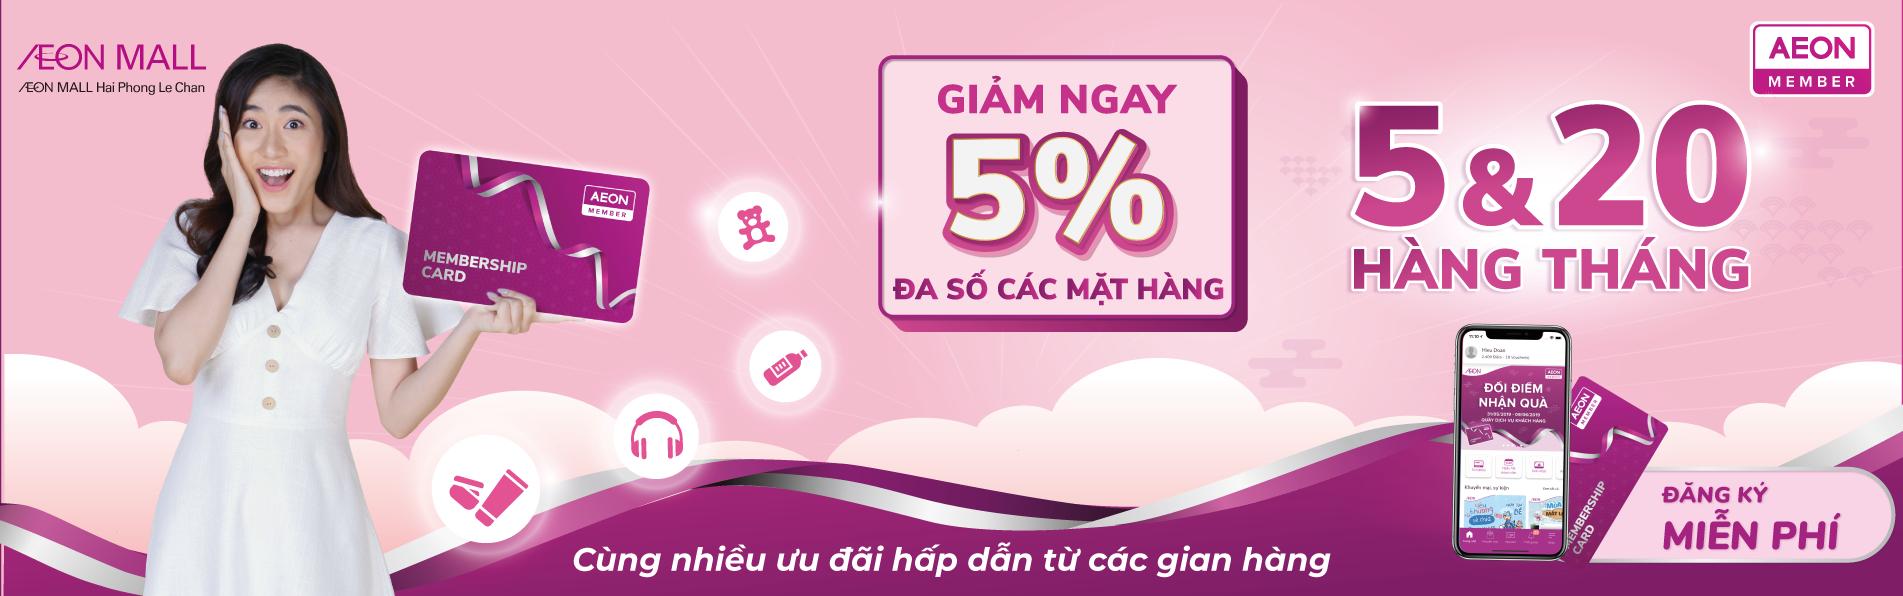 AEON Việt Nam Ngày hội thành viên